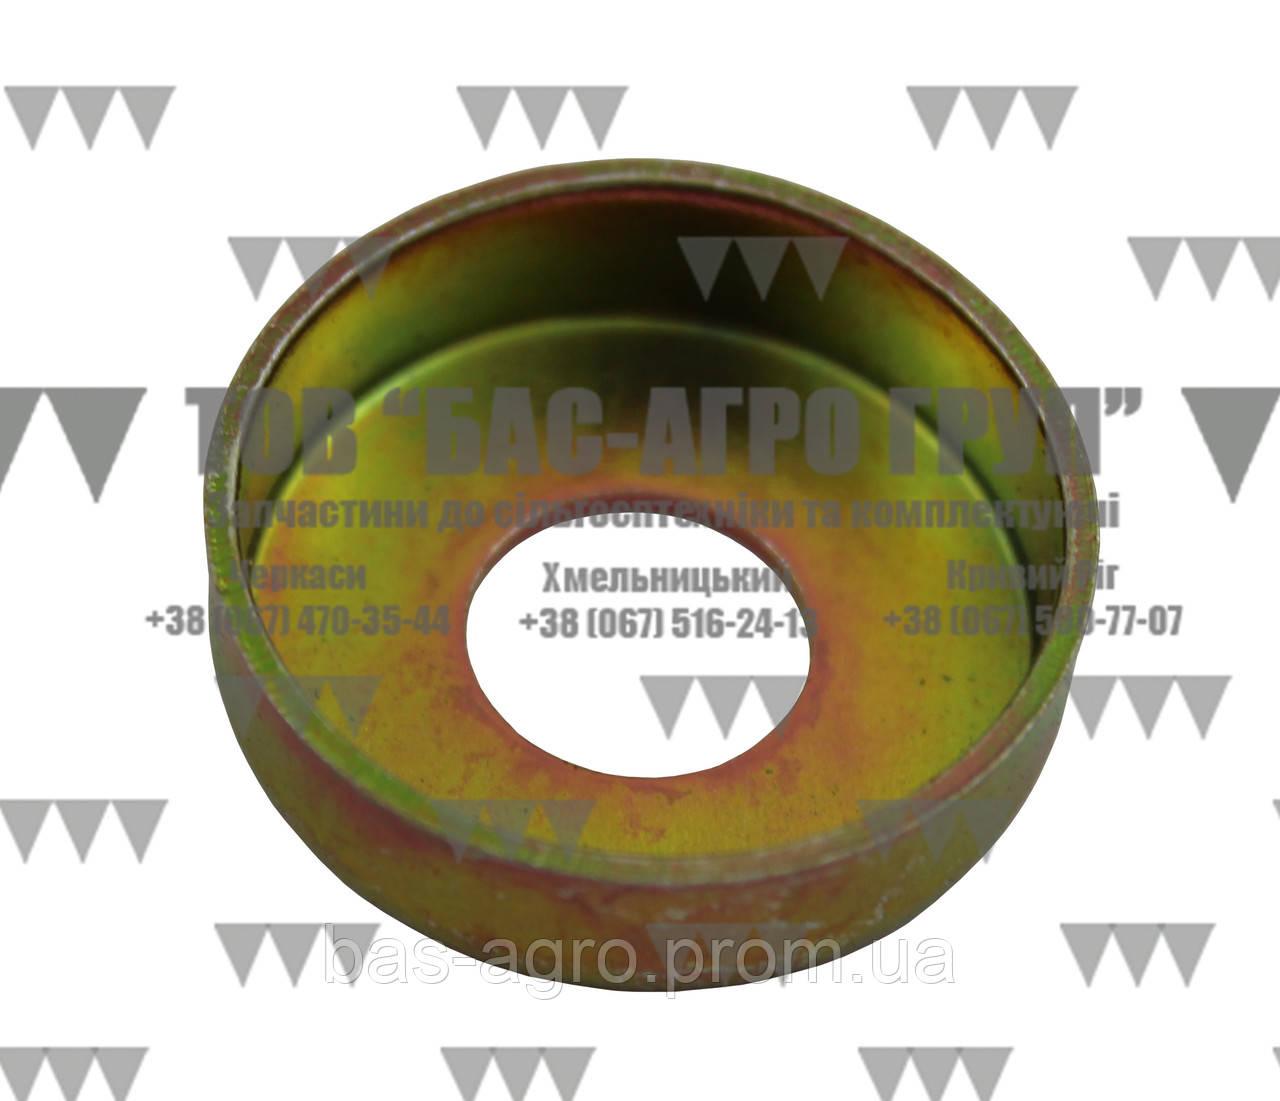 Колпачок защитный AC494697 Kverneland оригинал